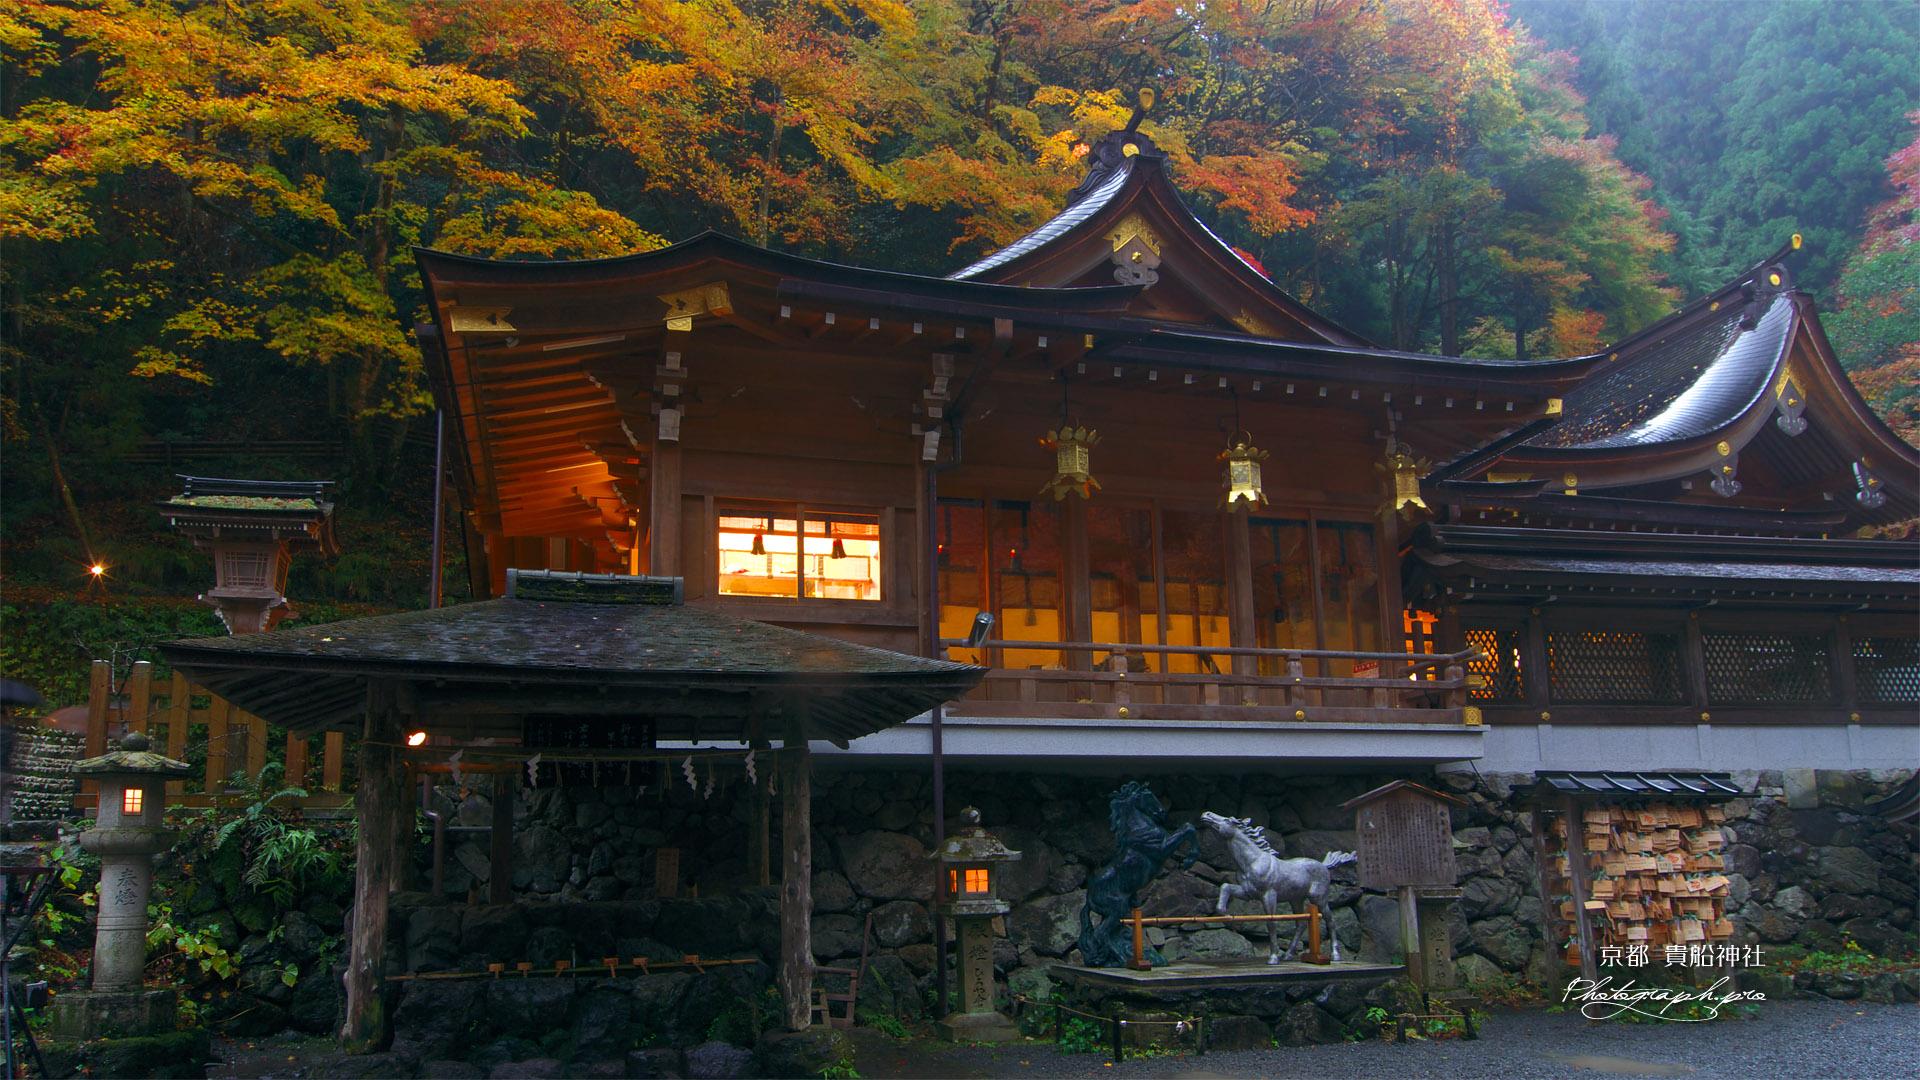 貴船神社 本宮の神馬と紅葉